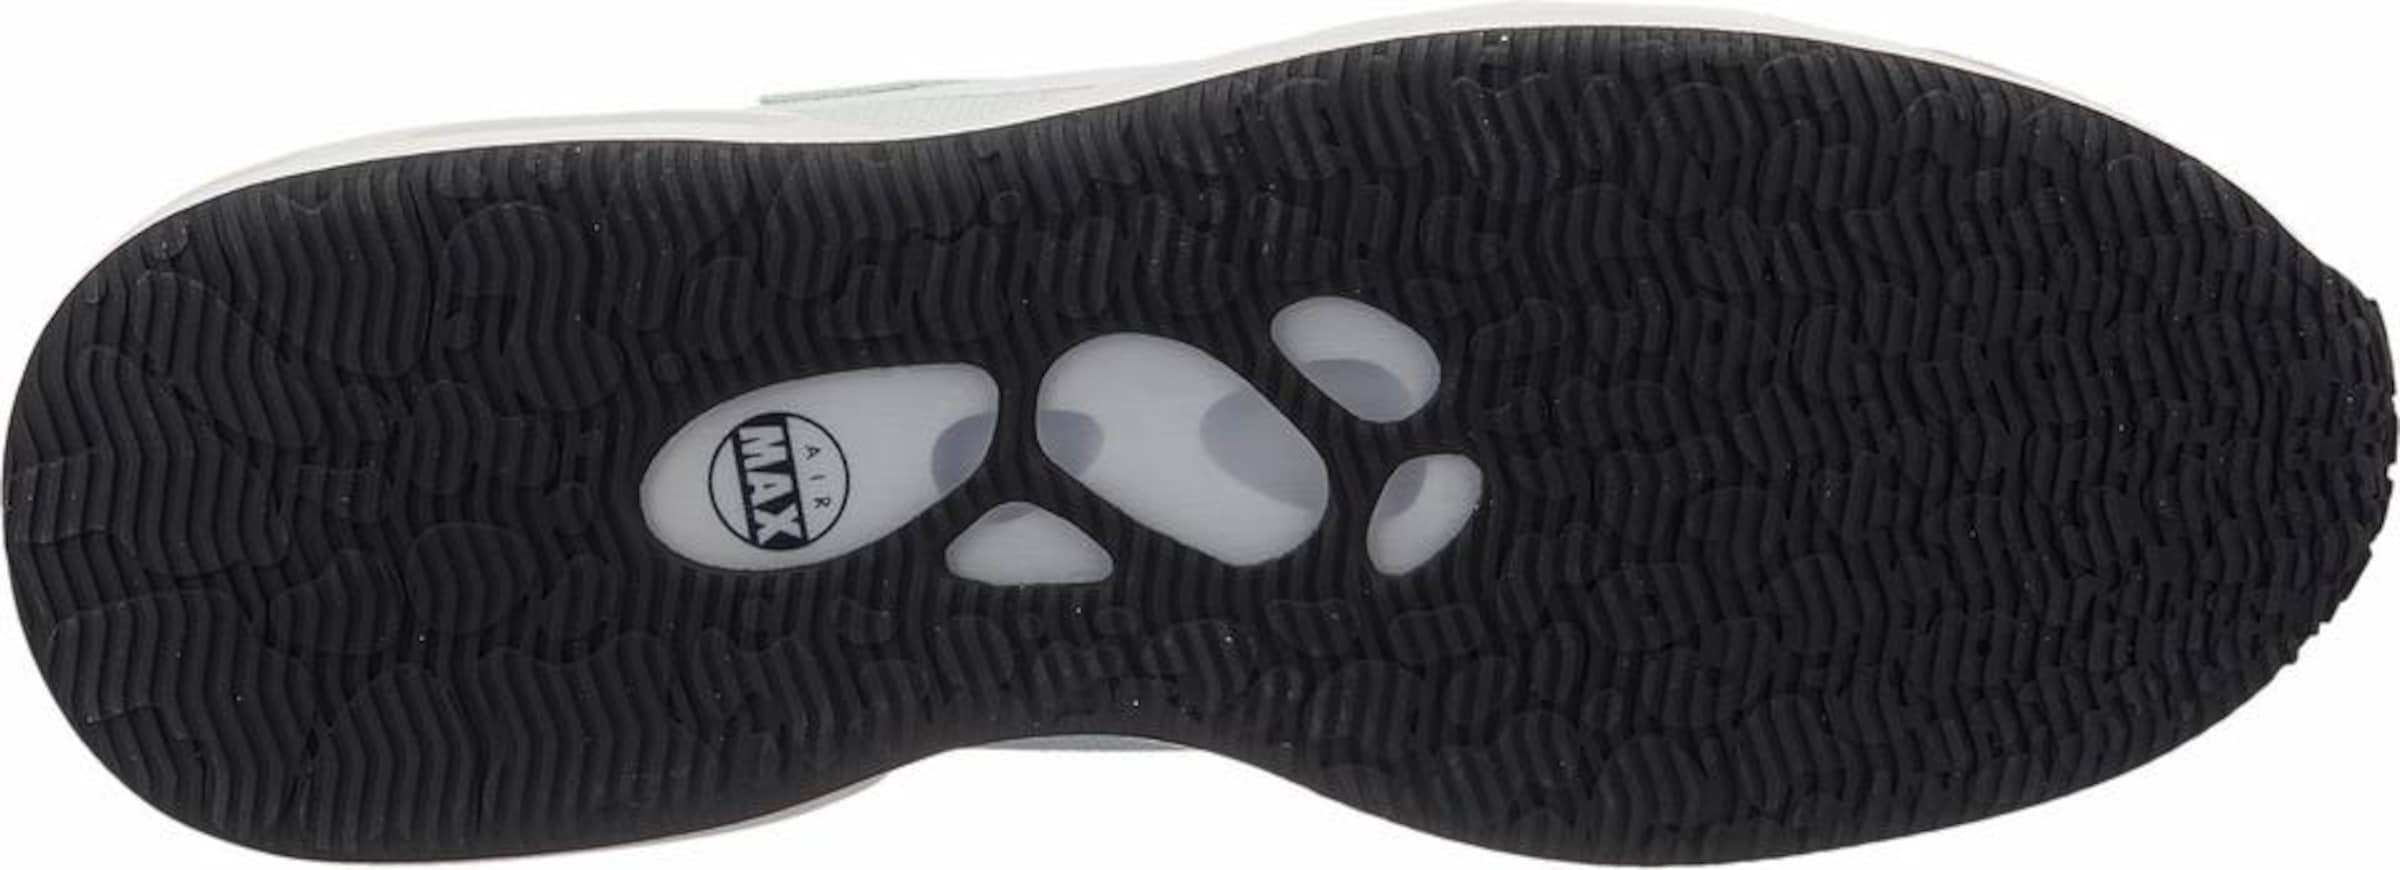 Nike Sportswear Turnschuhe AIR 'WMNS AIR Turnschuhe MAX GUILE Textil, Leder Wilde Freizeitschuhe 3f32b5